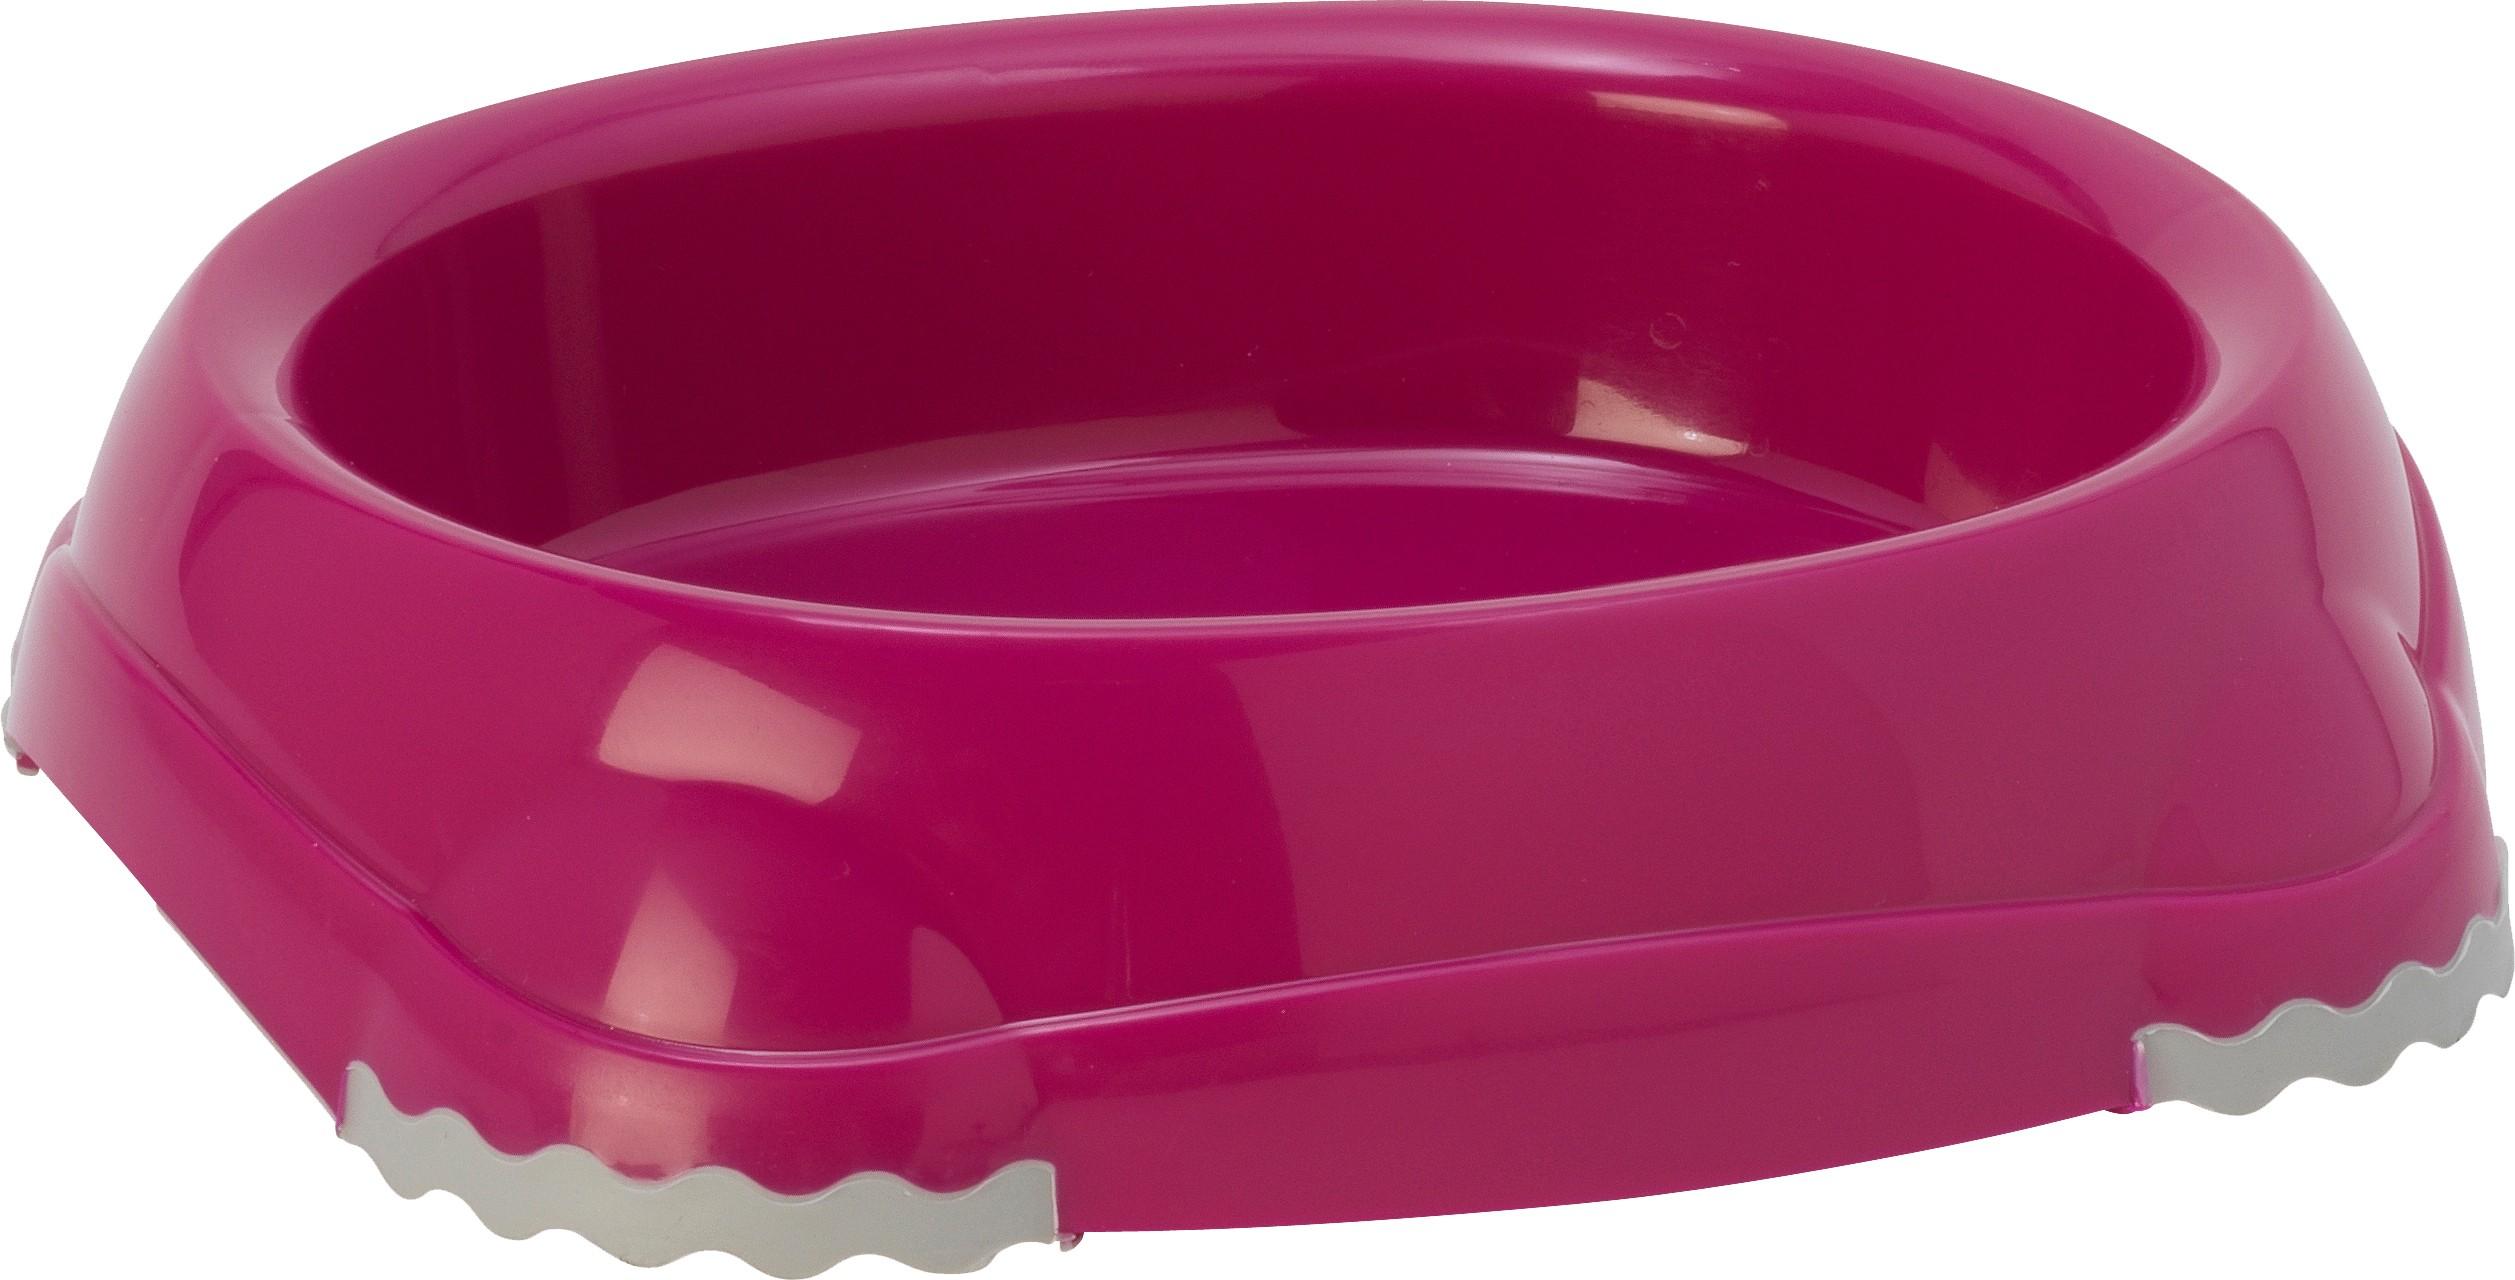 Smarty Bowl Eet-/Drinkbakje nr. 0 voor de kat